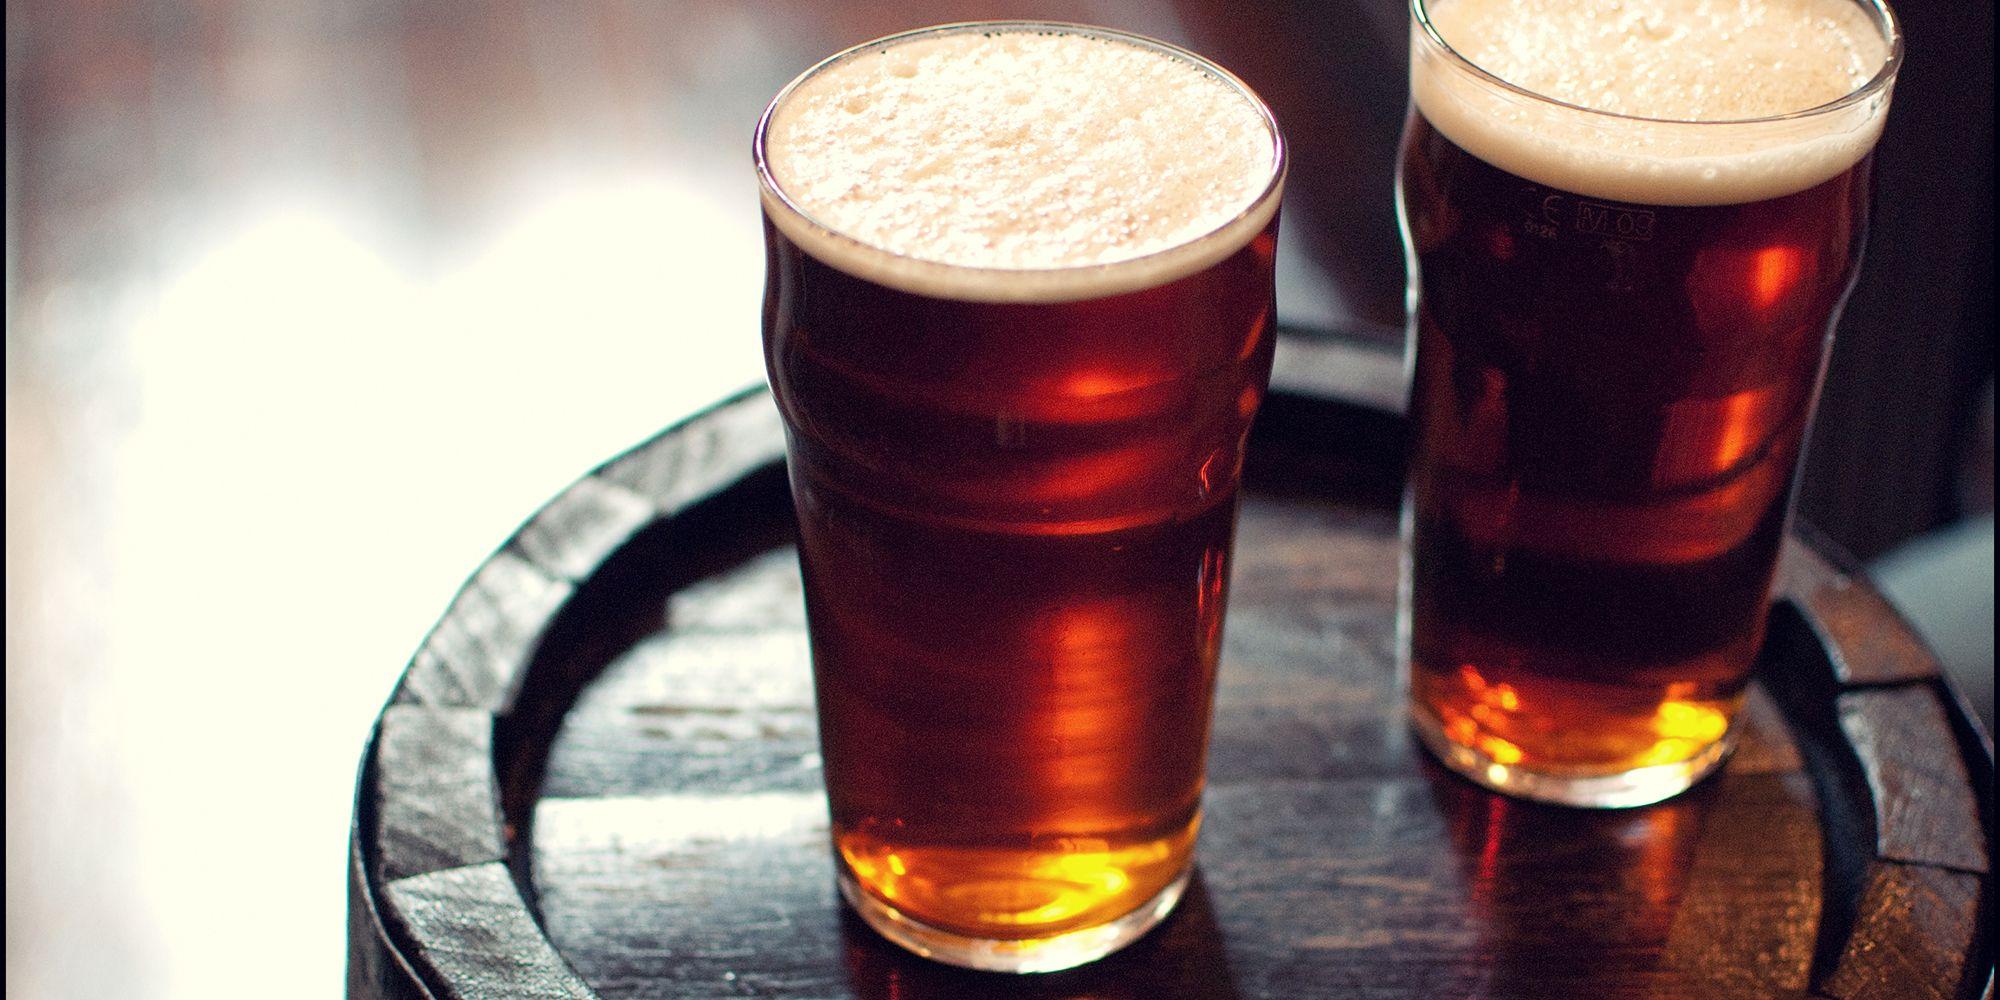 beer-1522676816.jpg?crop=1xw:1xh;center,